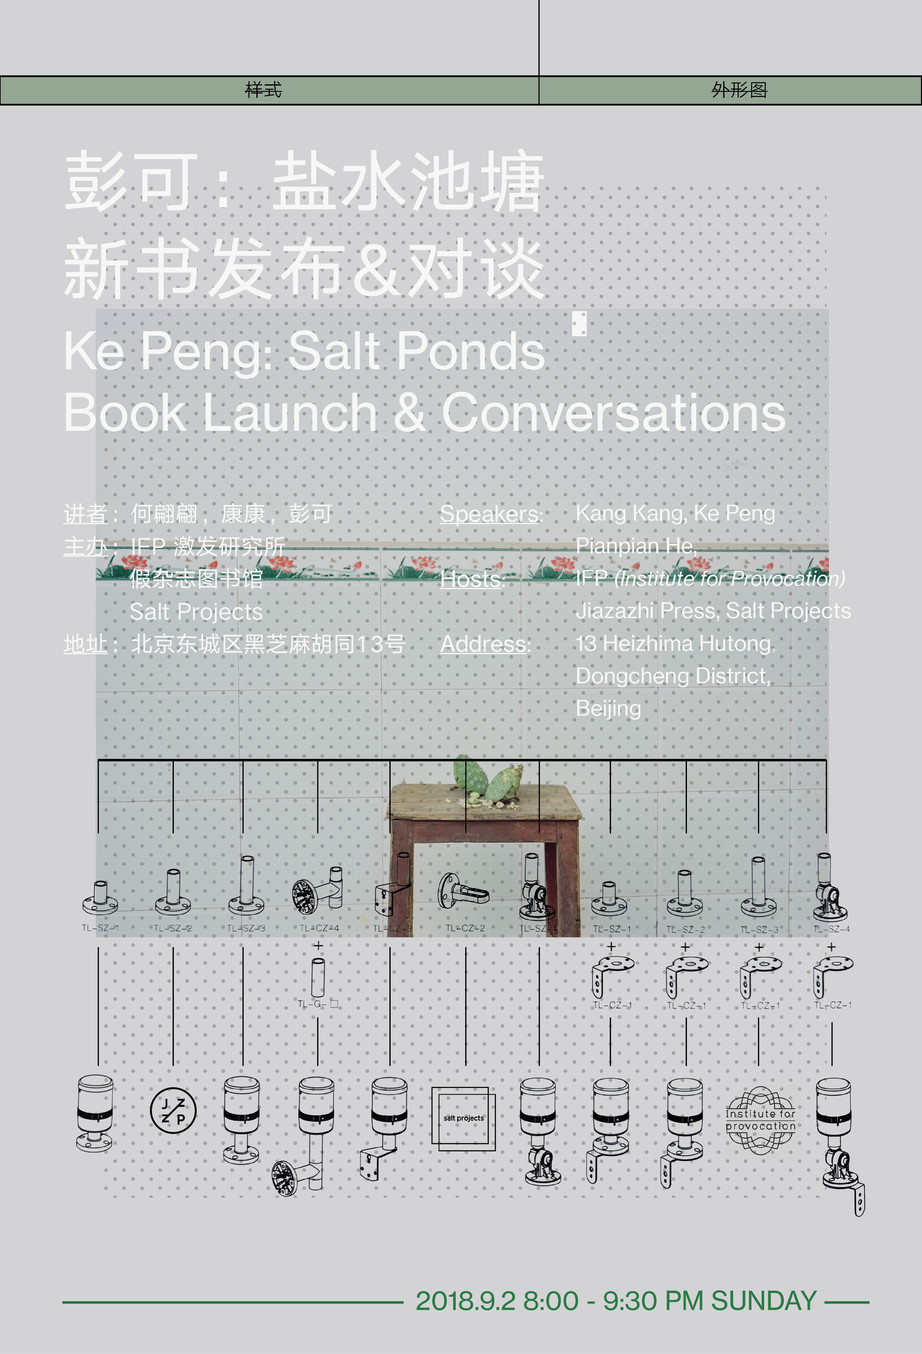 IFP 新书发布会 | 彭可:《盐水池塘》新书发布 & 对谈